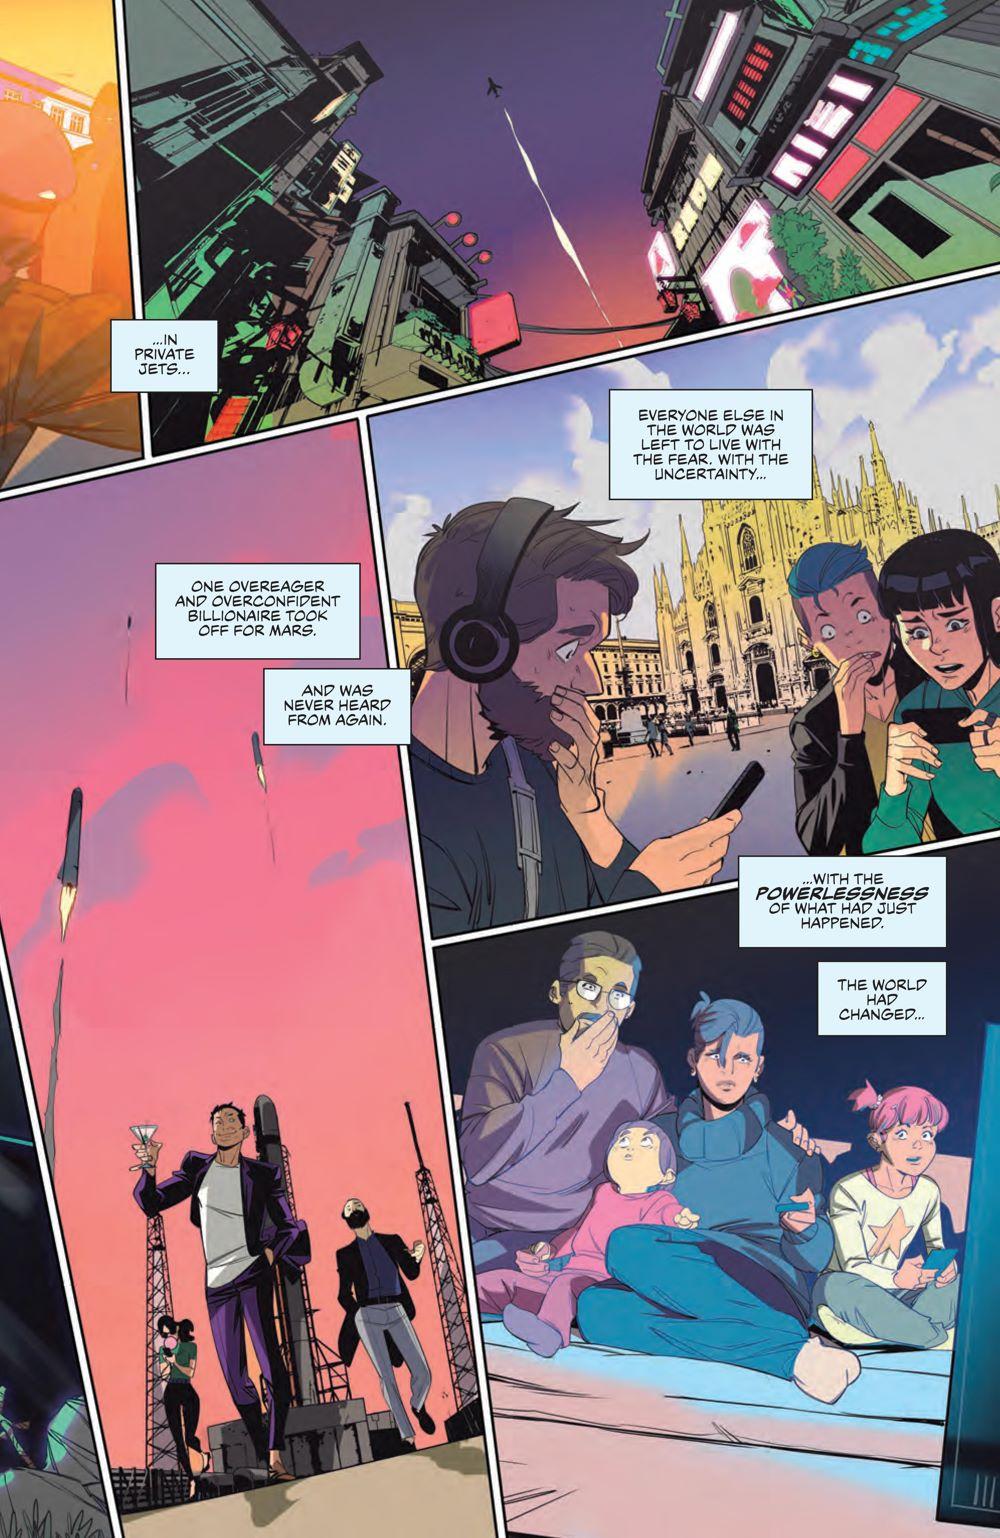 SevenSecrets_008_PRESS_5 ComicList Previews: SEVEN SECRETS #8